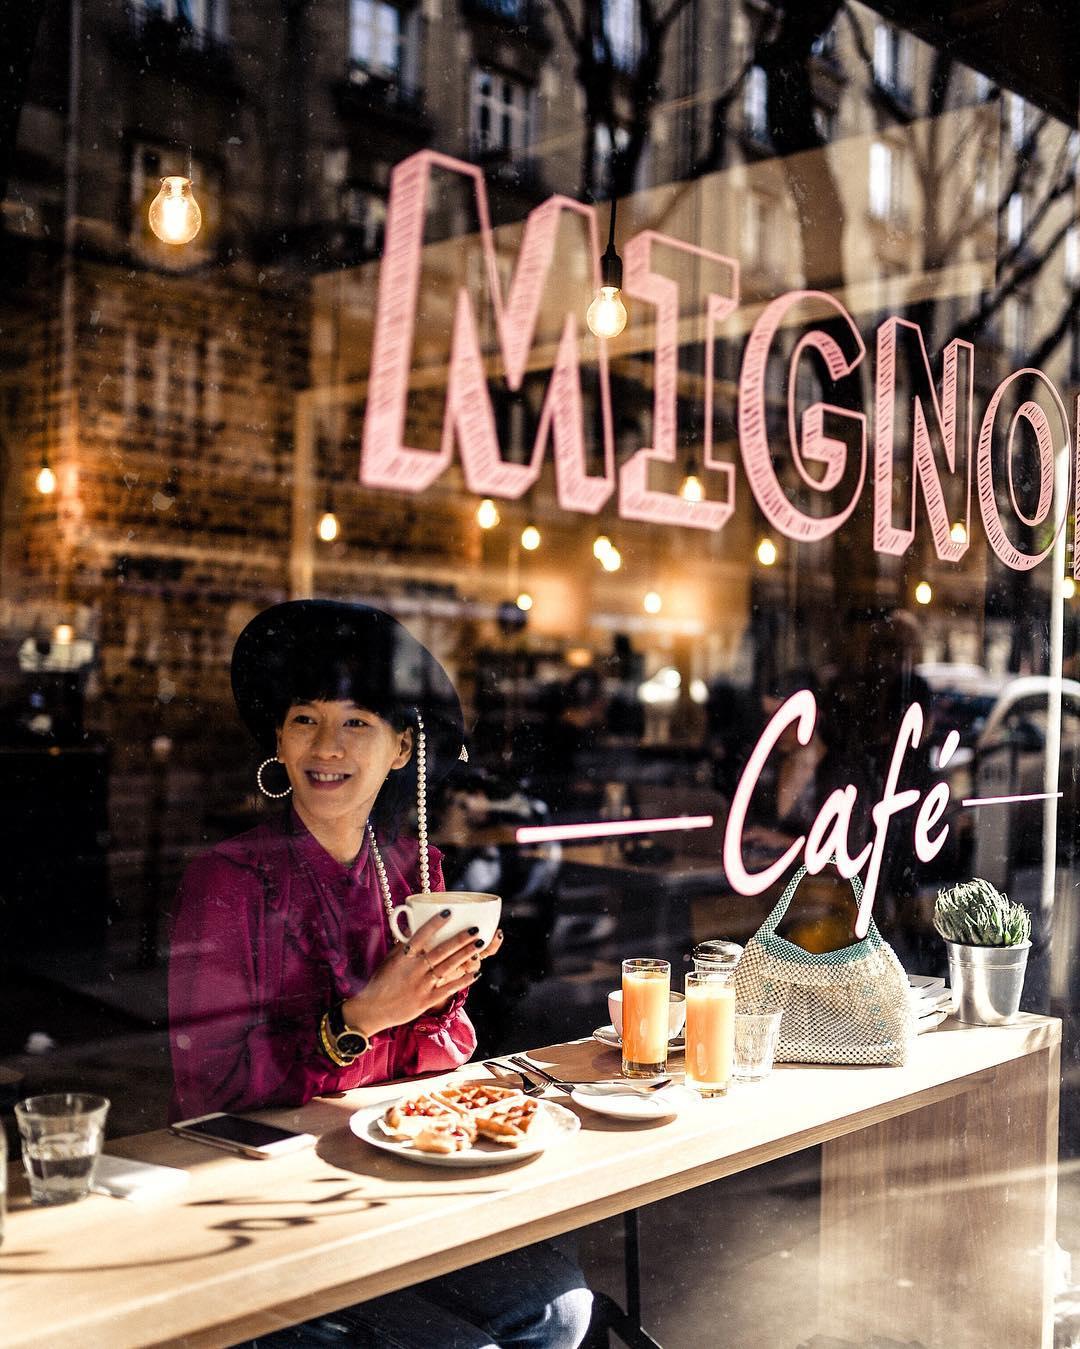 dressingleeloo - MIGNON Cafe - mignon-cafe.fr - kataba.fr - bold-design.fr